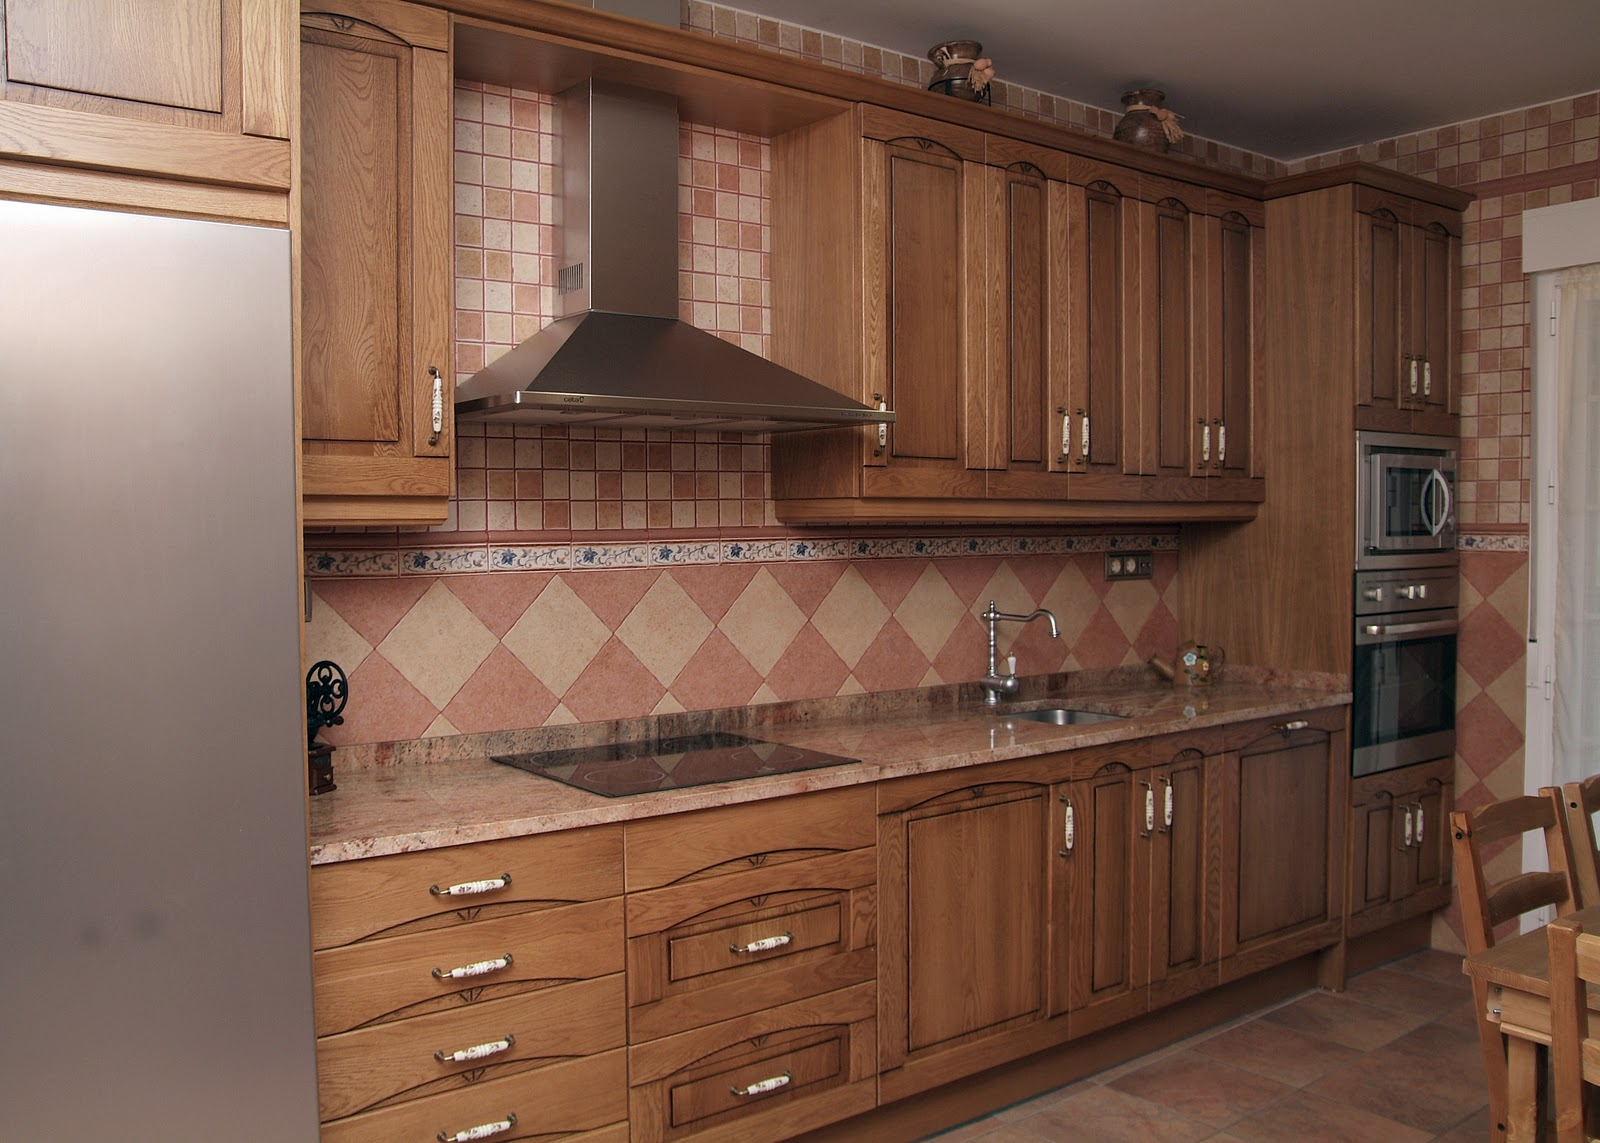 muebles de cocina de madera roble que conjuga el estilo rustico de puertas de roble